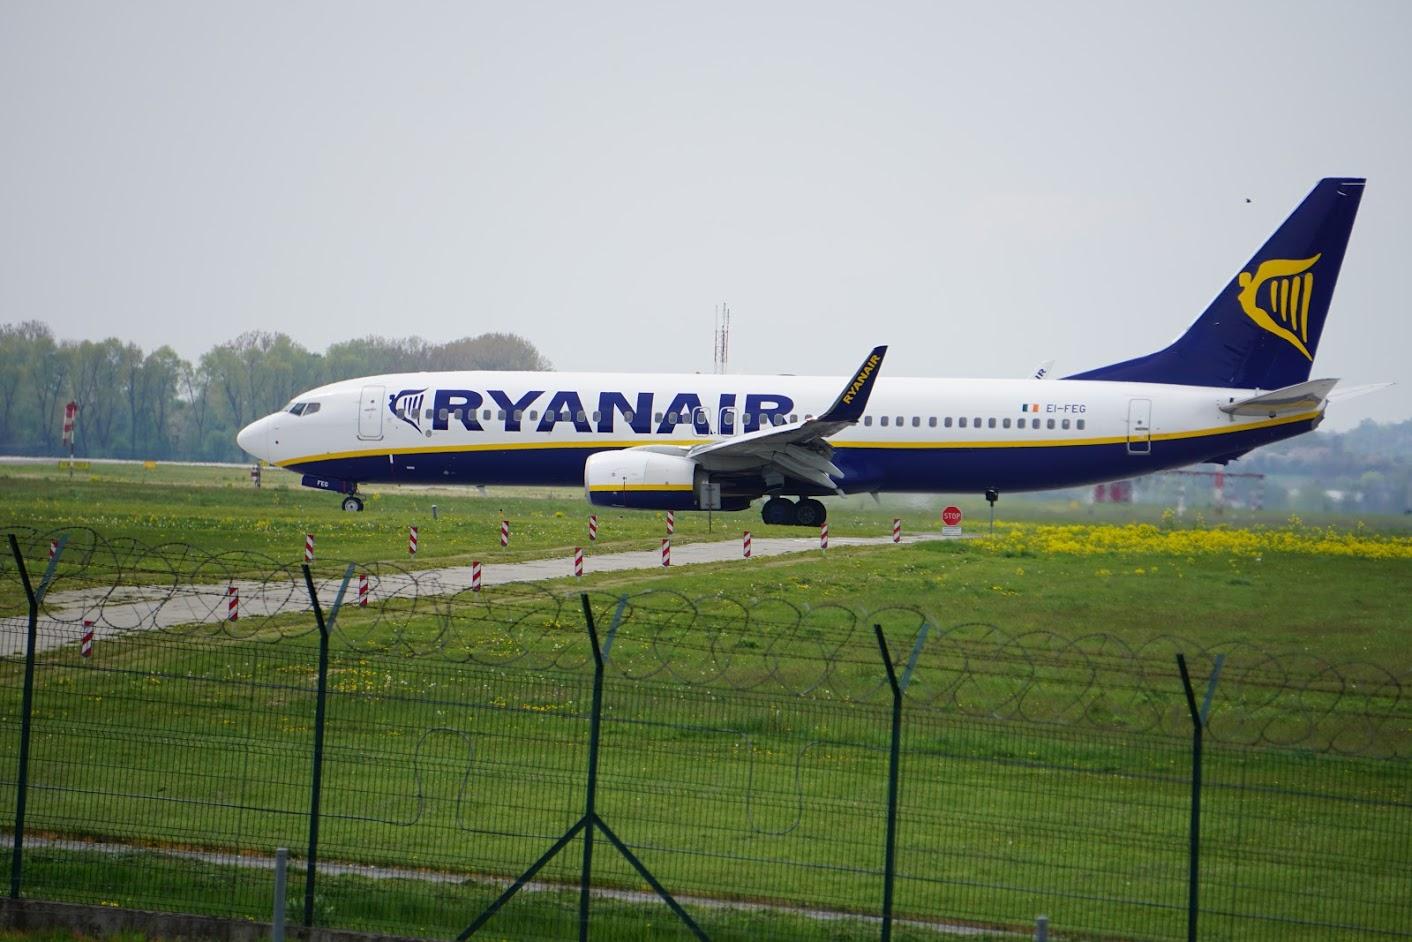 Incident: O tânără a zburat cu un zbor greșit al Ryanair după ce stafful nu i-a verificat boarding pass-ul la îmbarcare